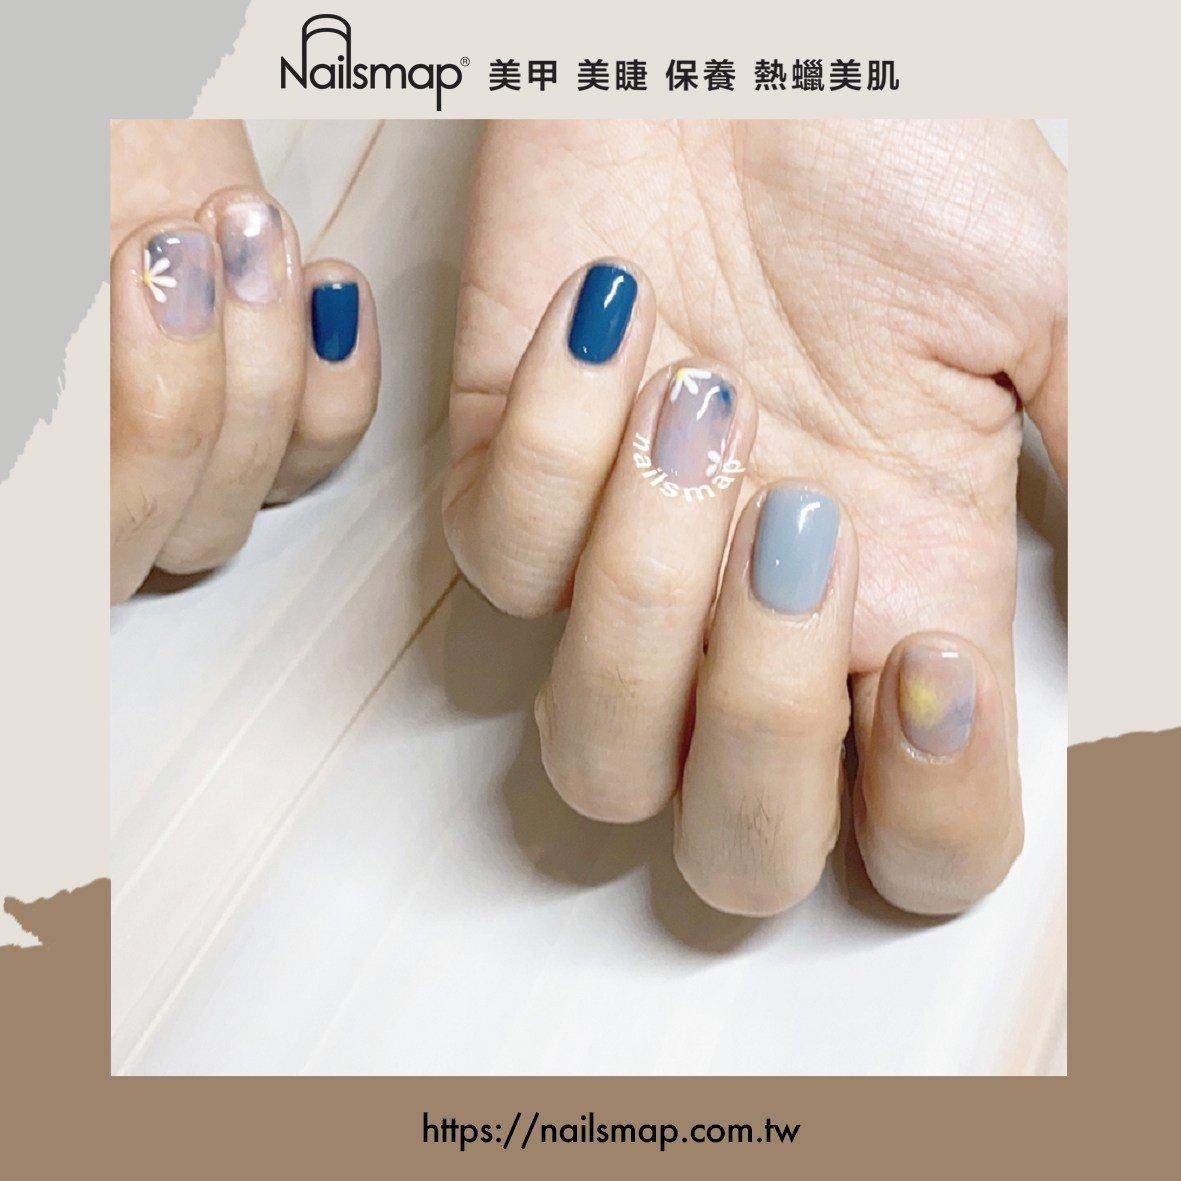 質感滿分的灰藍色美甲,不挑膚色又顯白